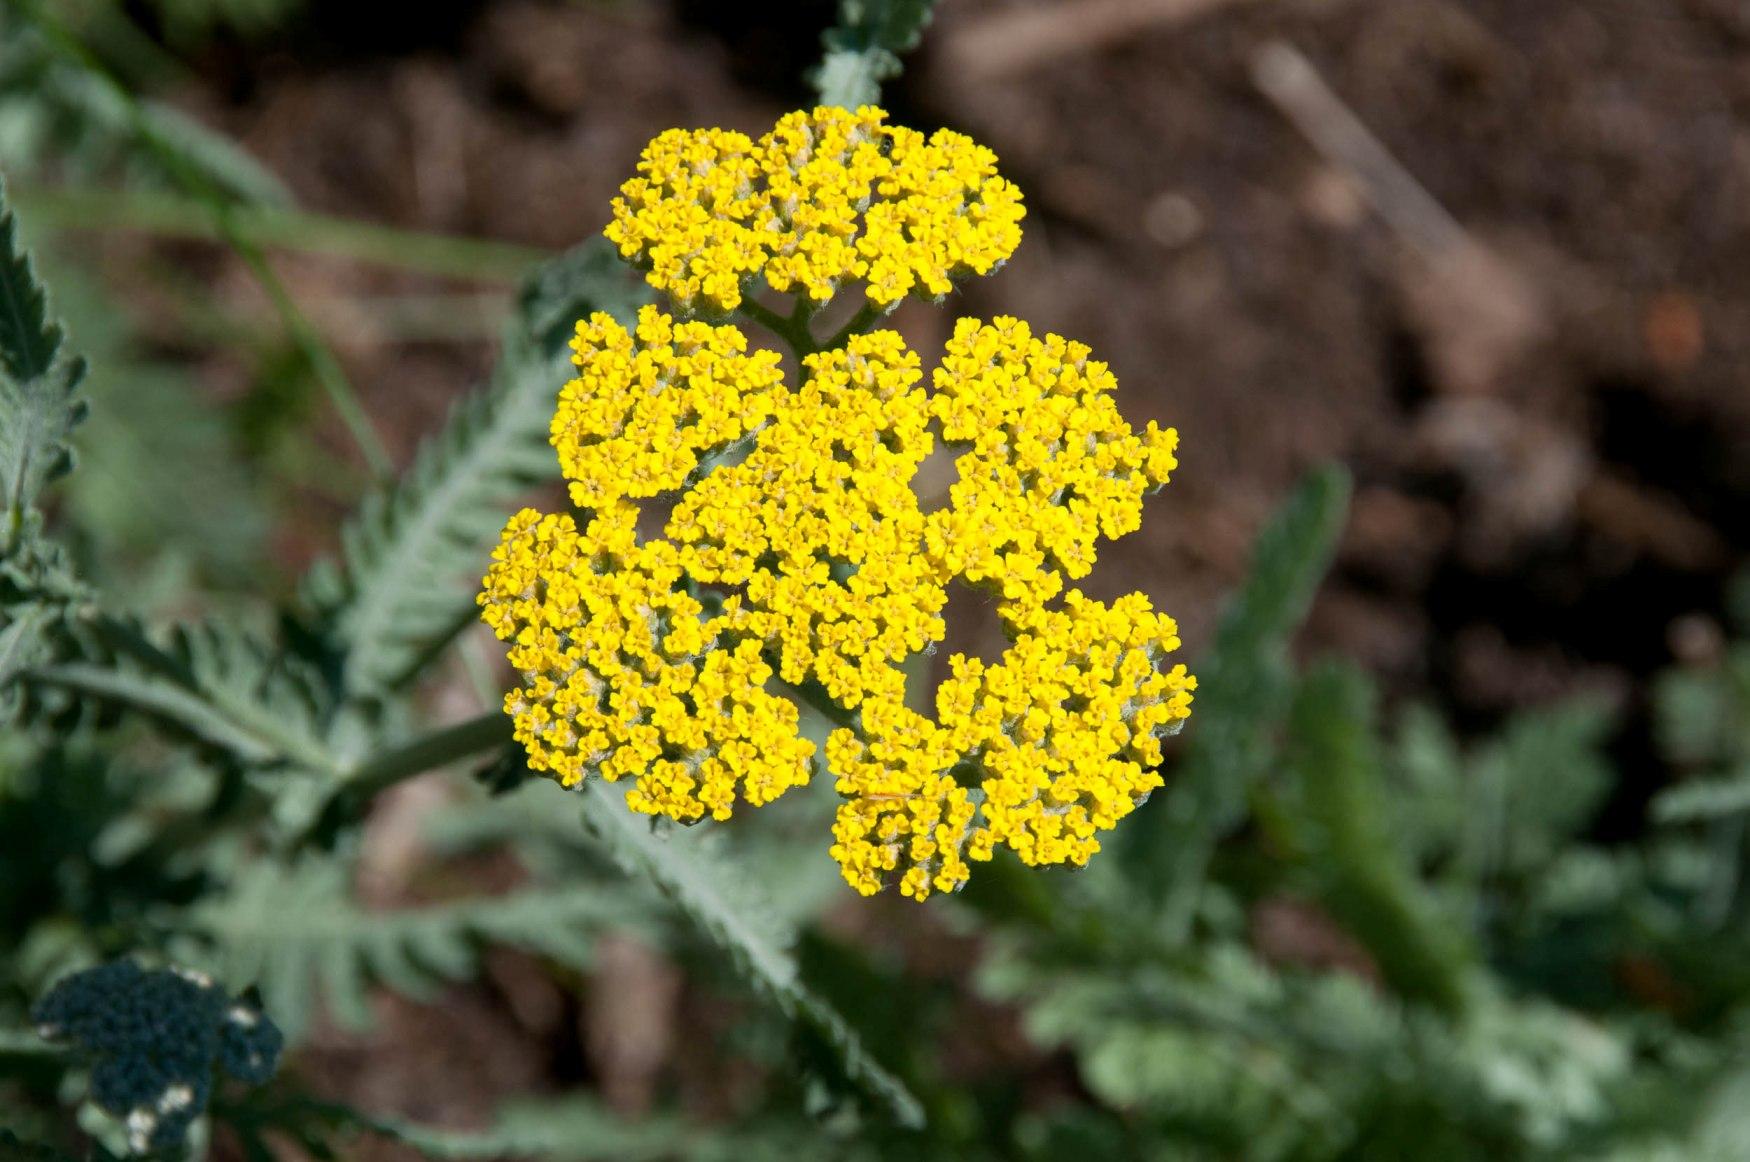 Adet Dönemi Sancısına Ne İyi Gelir: Adet Dönemi Ağrılarına Bitkisel Çözüm